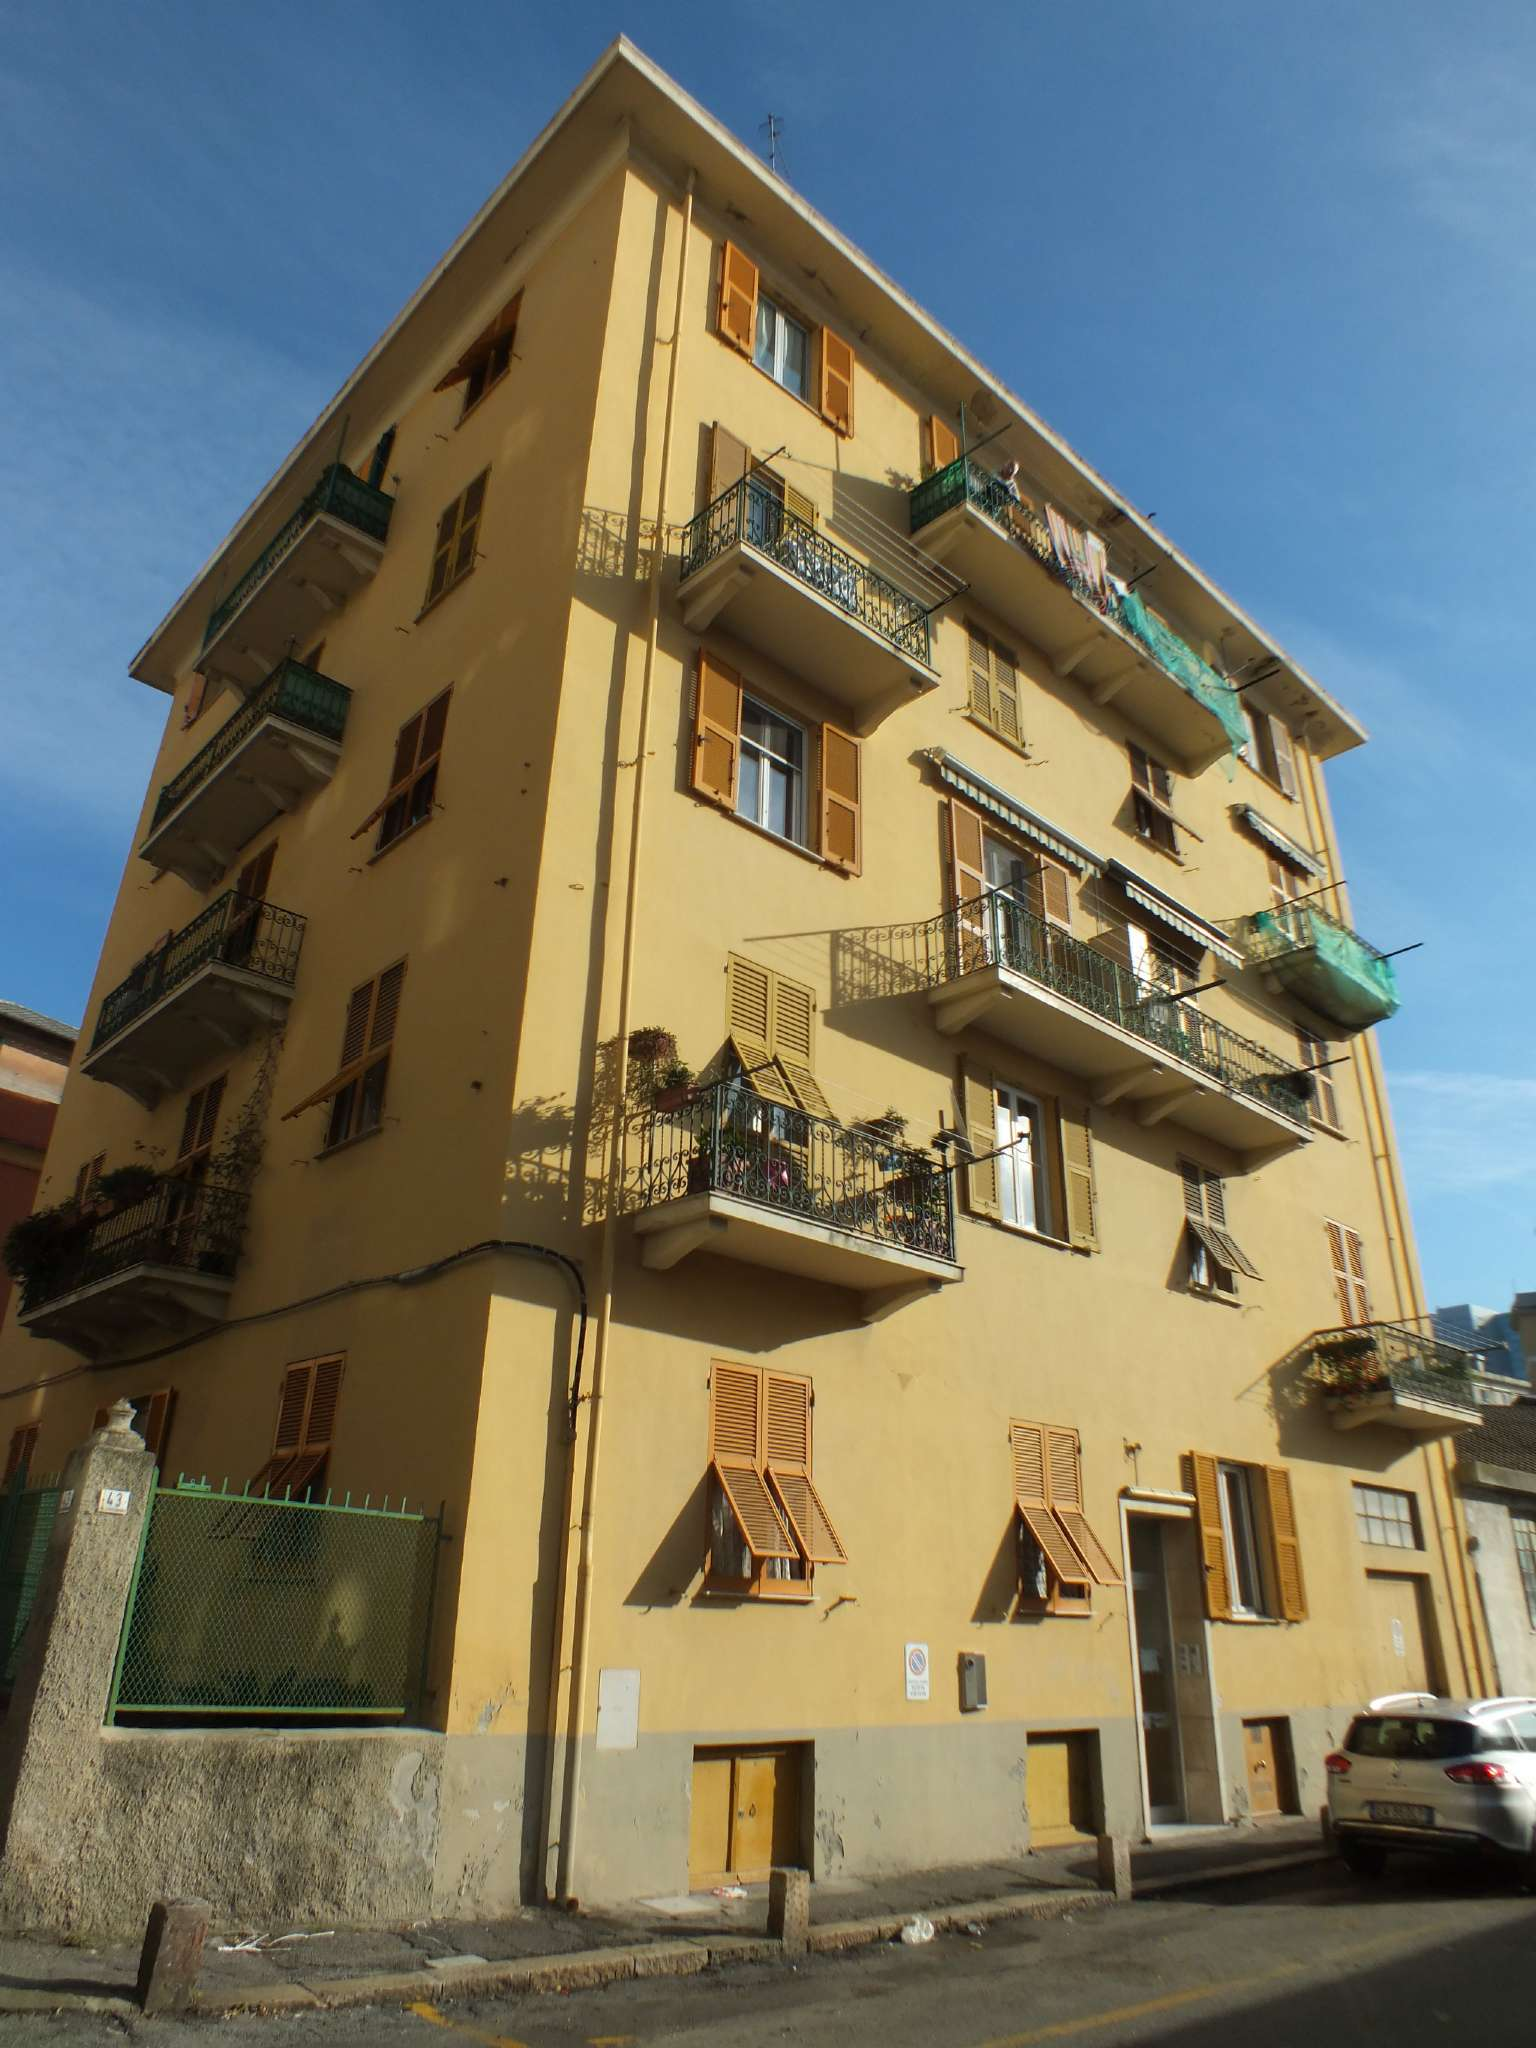 Appartamento in vendita a Genova, 6 locali, zona Zona: 13 . Sestri Ponente, Medio Ponente, prezzo € 90.000 | Cambio Casa.it